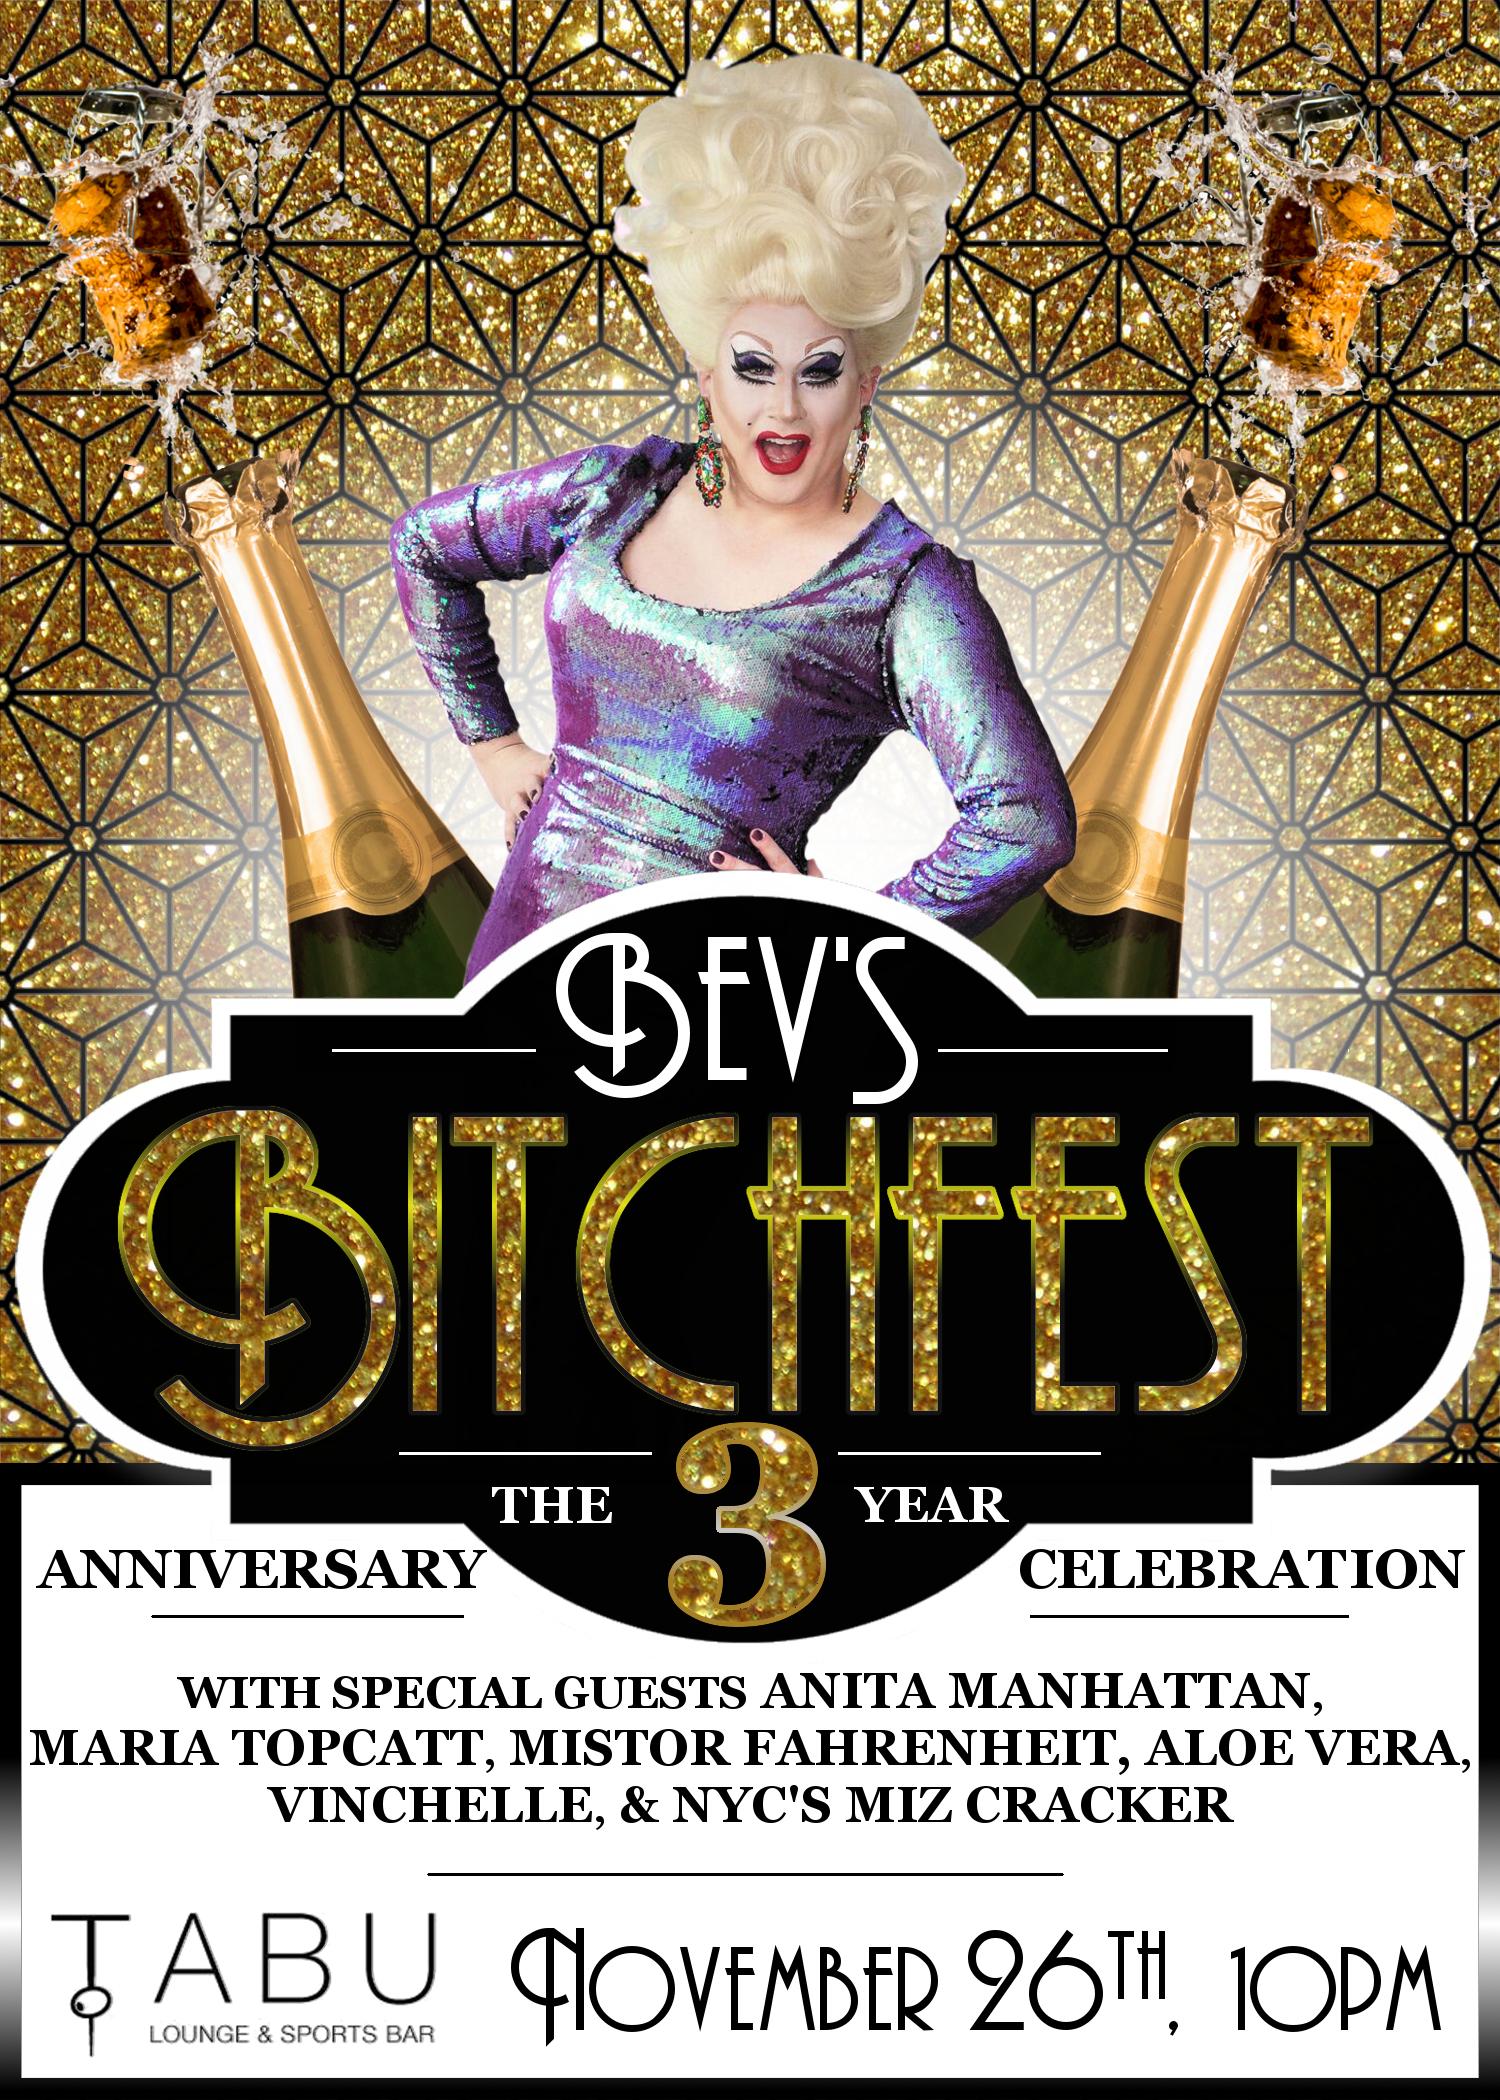 Bev's Bitchfest 3 Year Anniversary